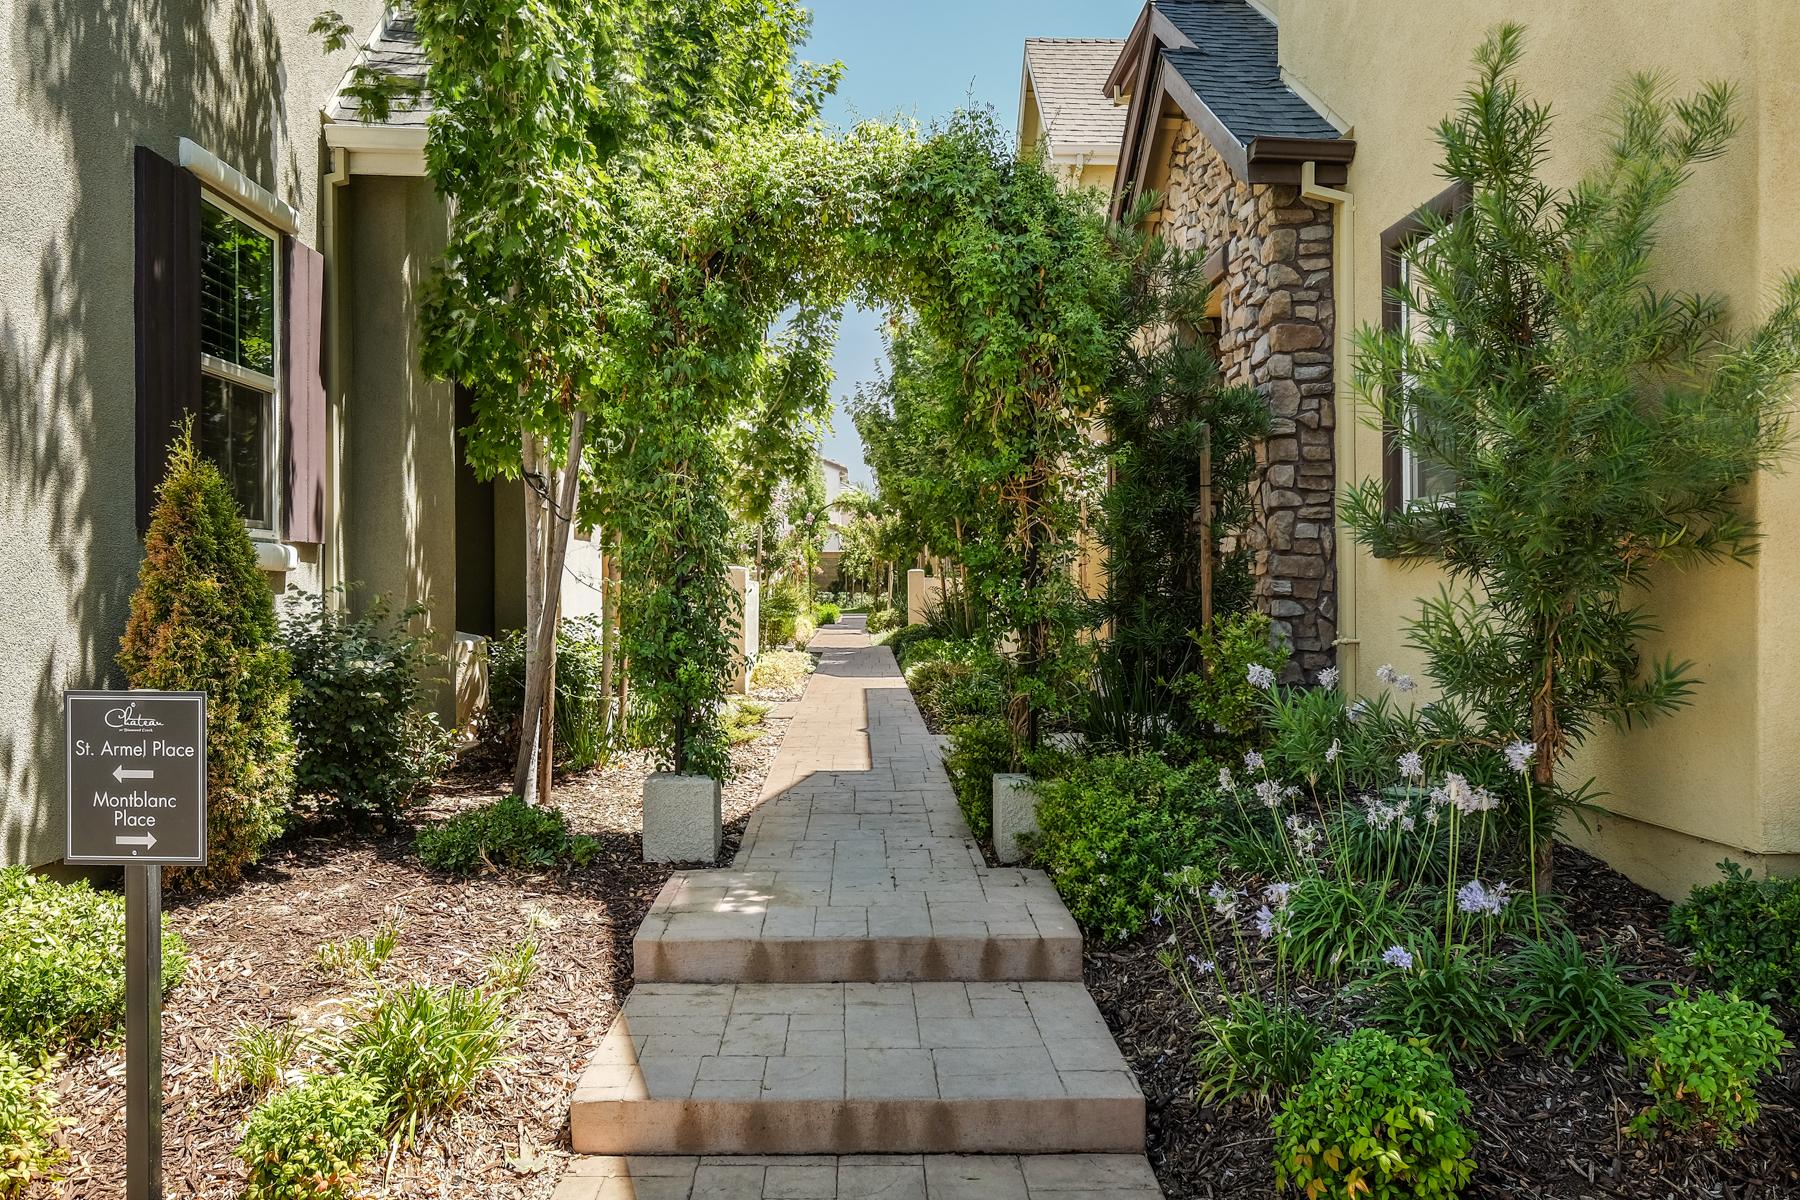 Частный односемейный дом для того Продажа на 725 Montblanc Place, Roseville, CA 95747 Roseville, Калифорния 95747 Соединенные Штаты